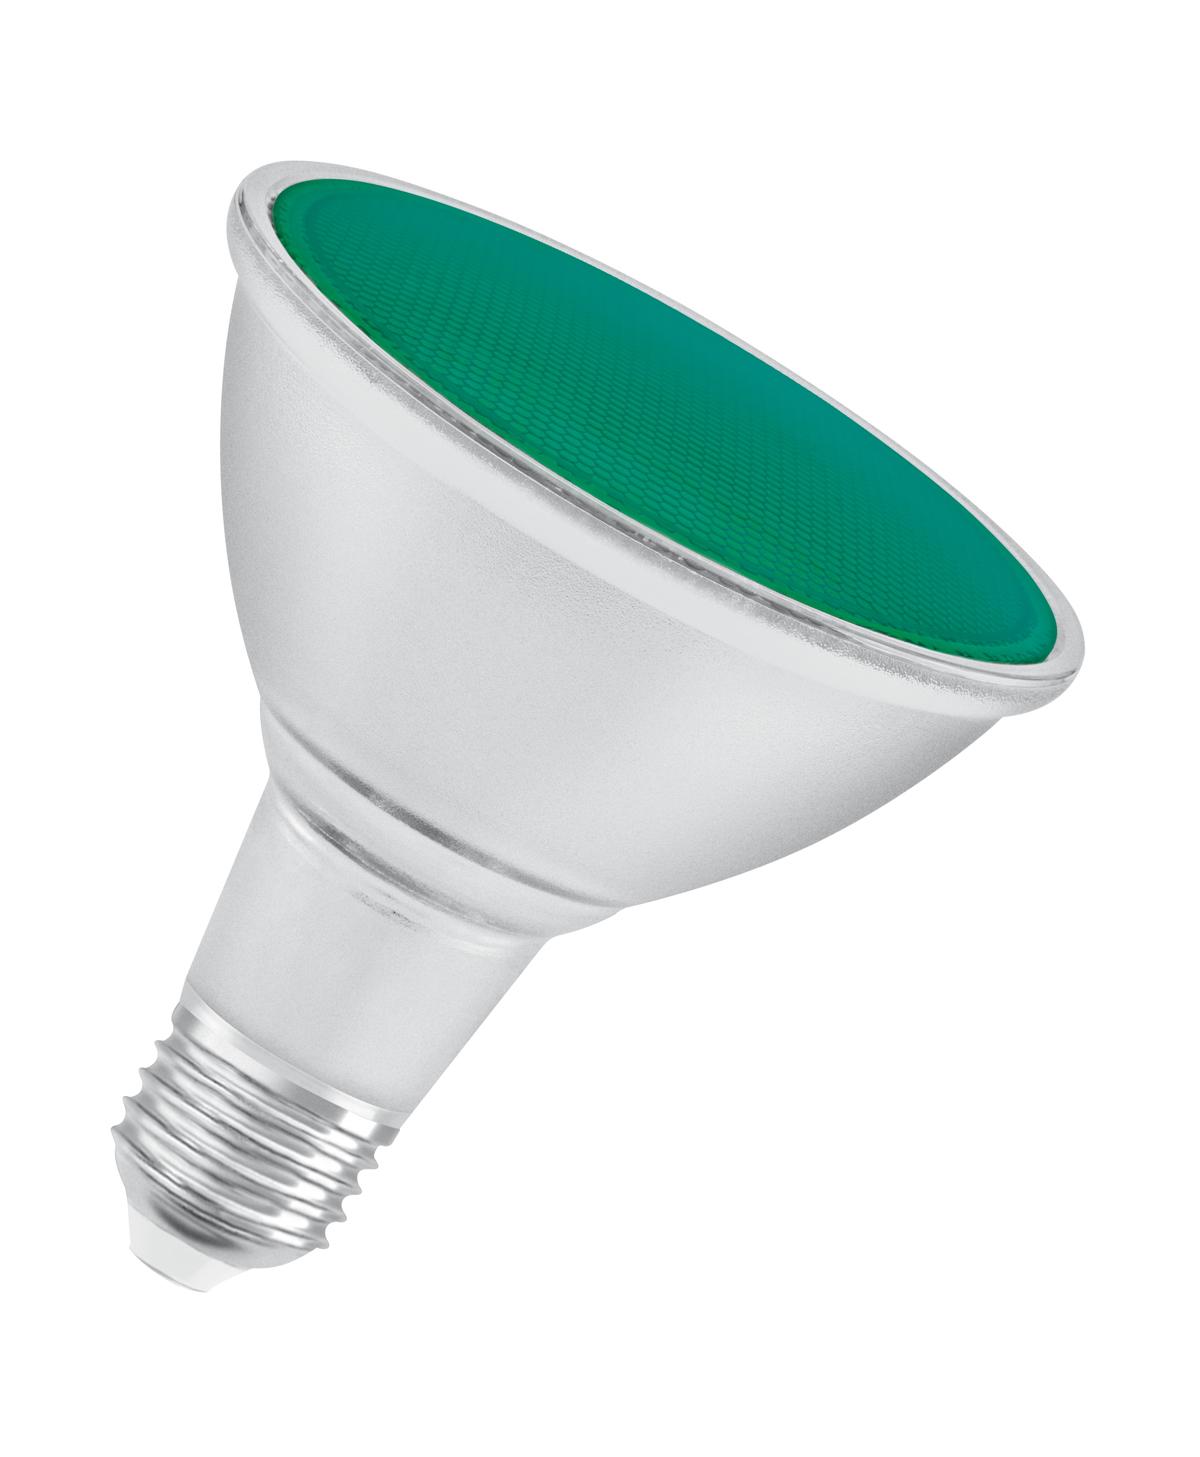 OSRAM PARATHOM PAR38 100 IP65 Green Lens Glas Warm White E27 Spot